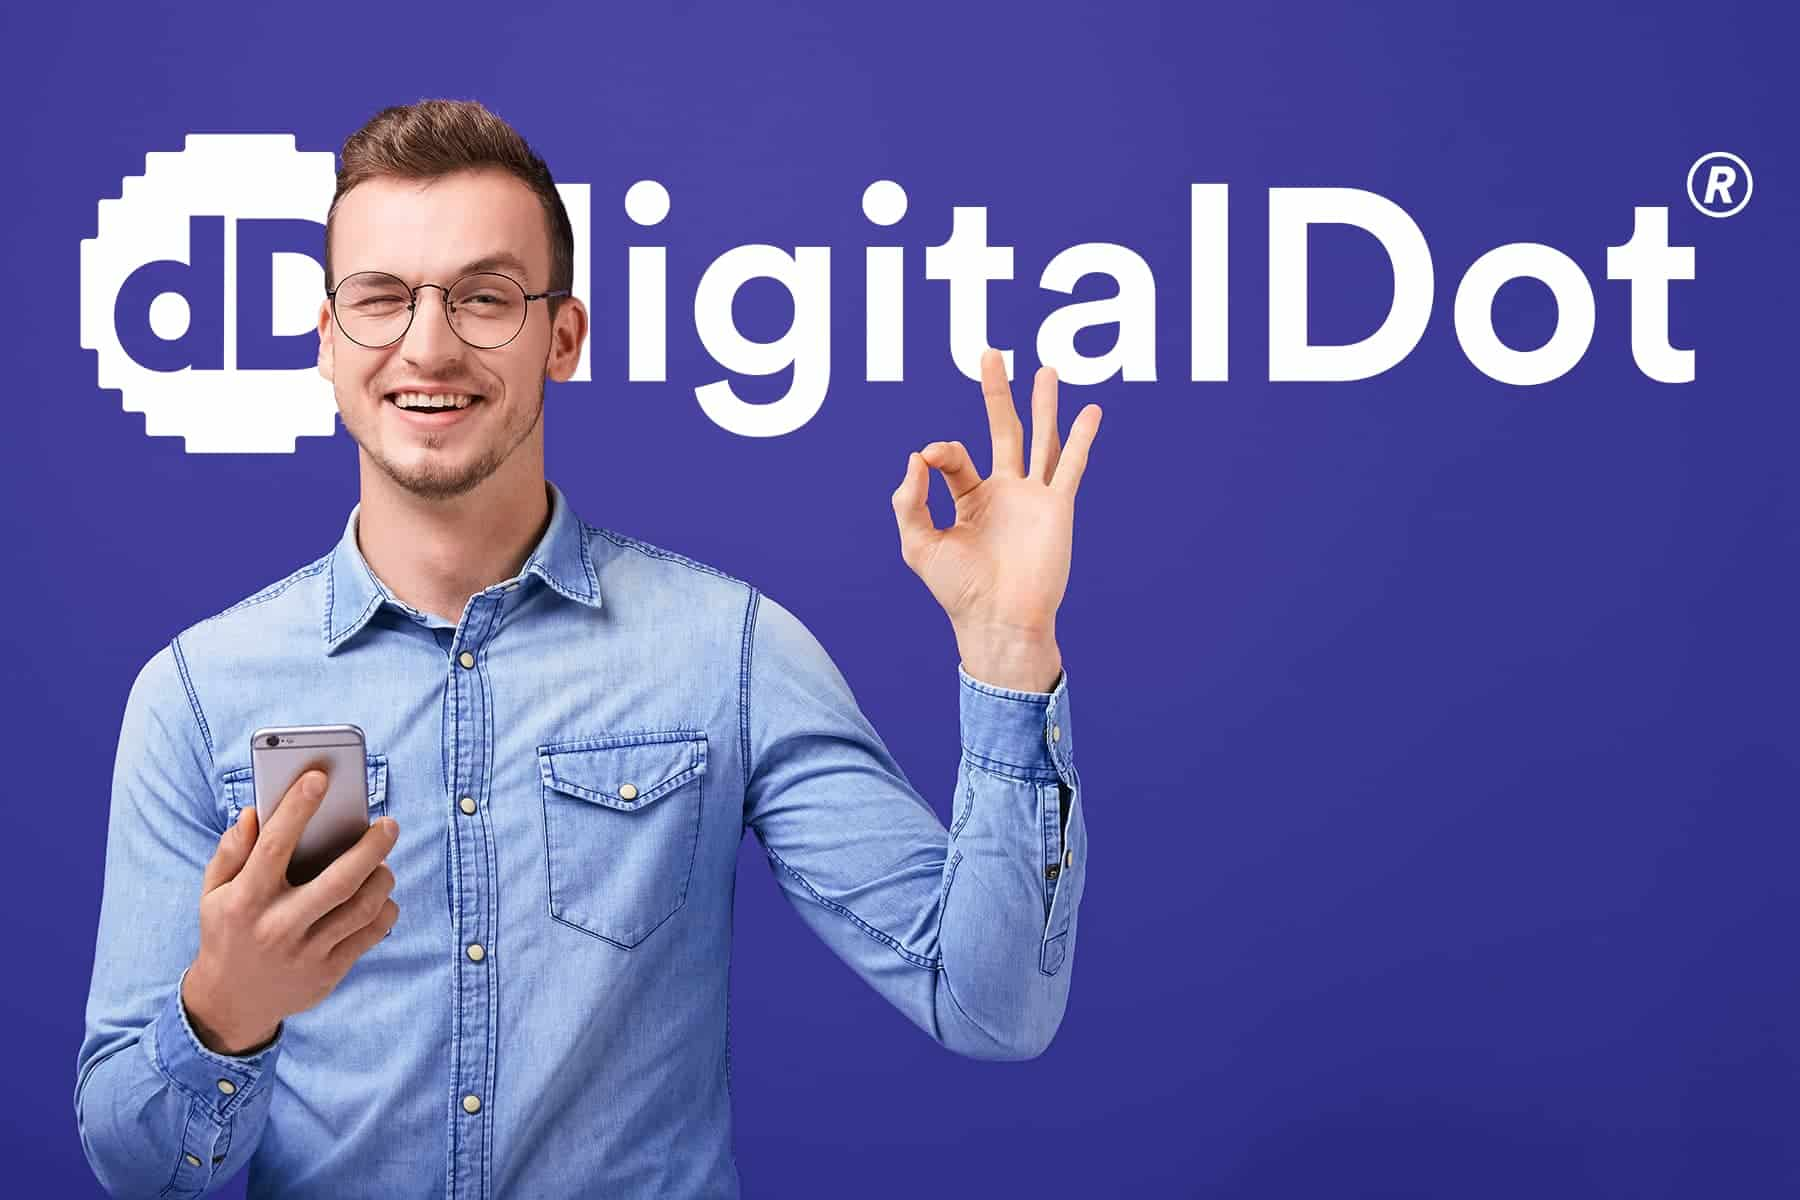 Diseño de aplicaciones móviles para empresas. digitalDot